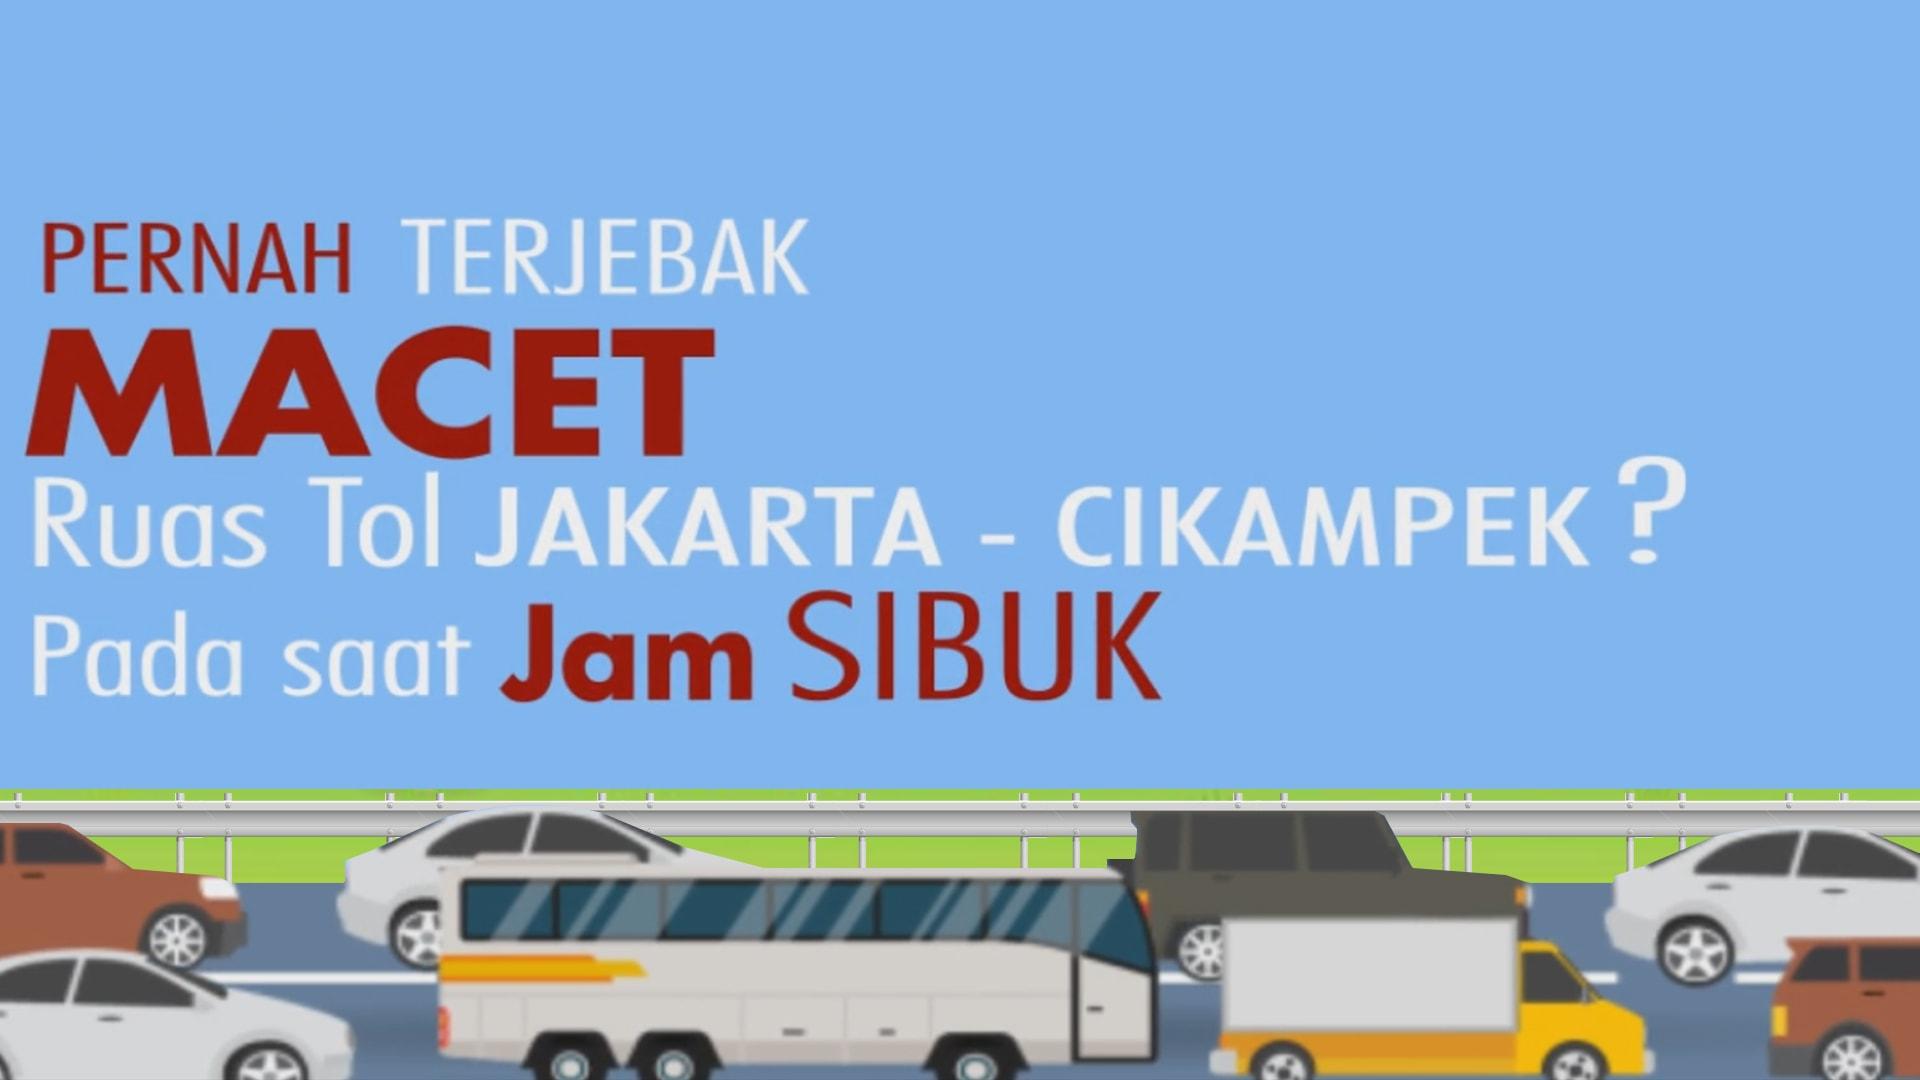 Videografis Kebijakan Pengaturan Ganjil – Genap Kendaraan Pribadi Bekasi – Jakarta